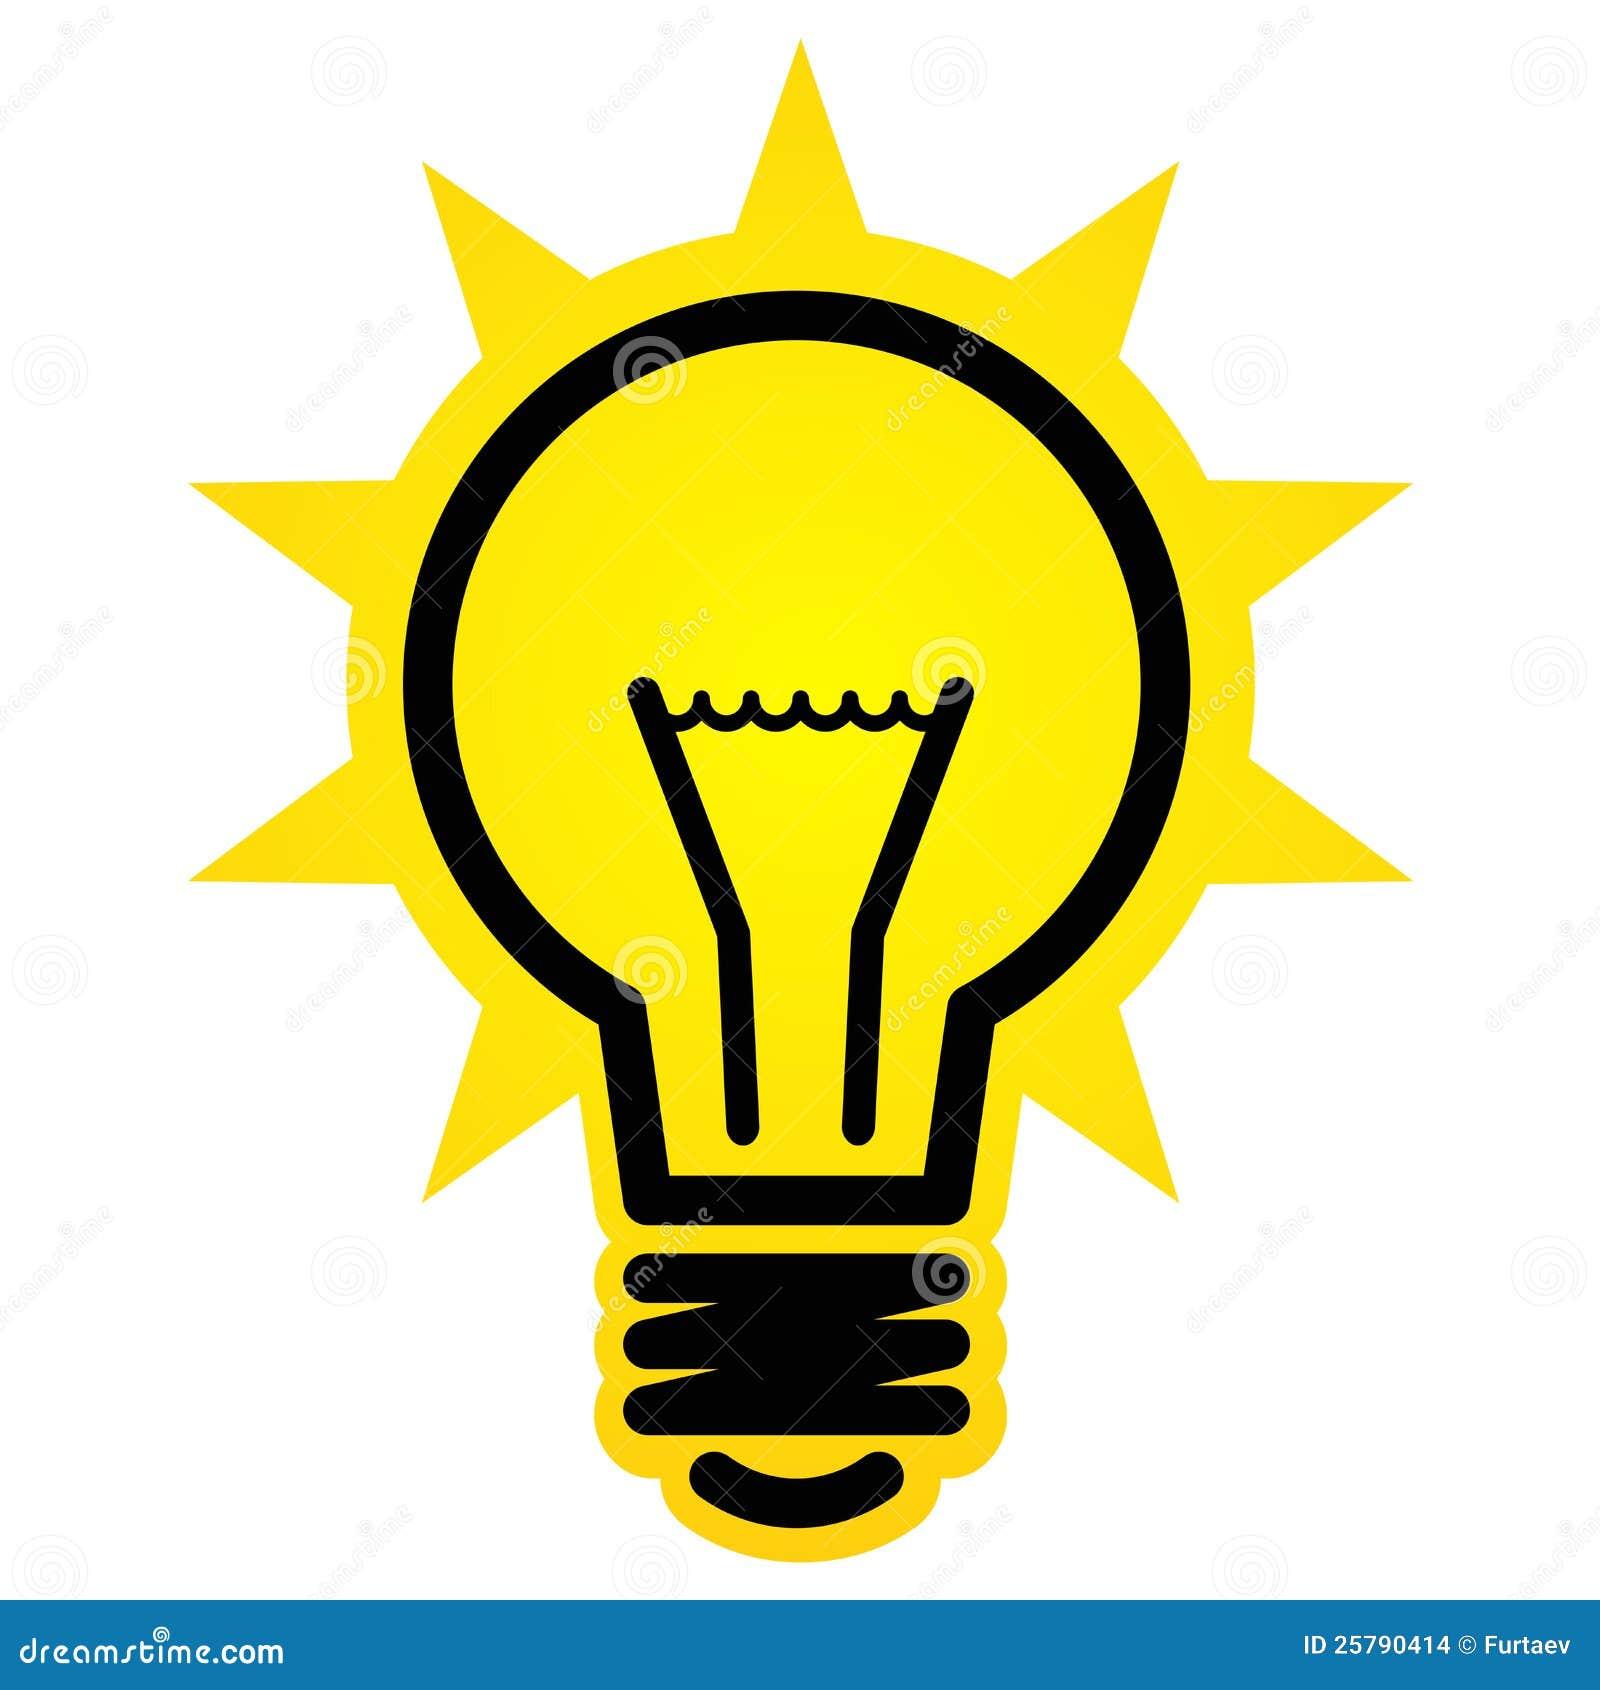 Shining Light Bulb Icon Stock Images Image 25790414